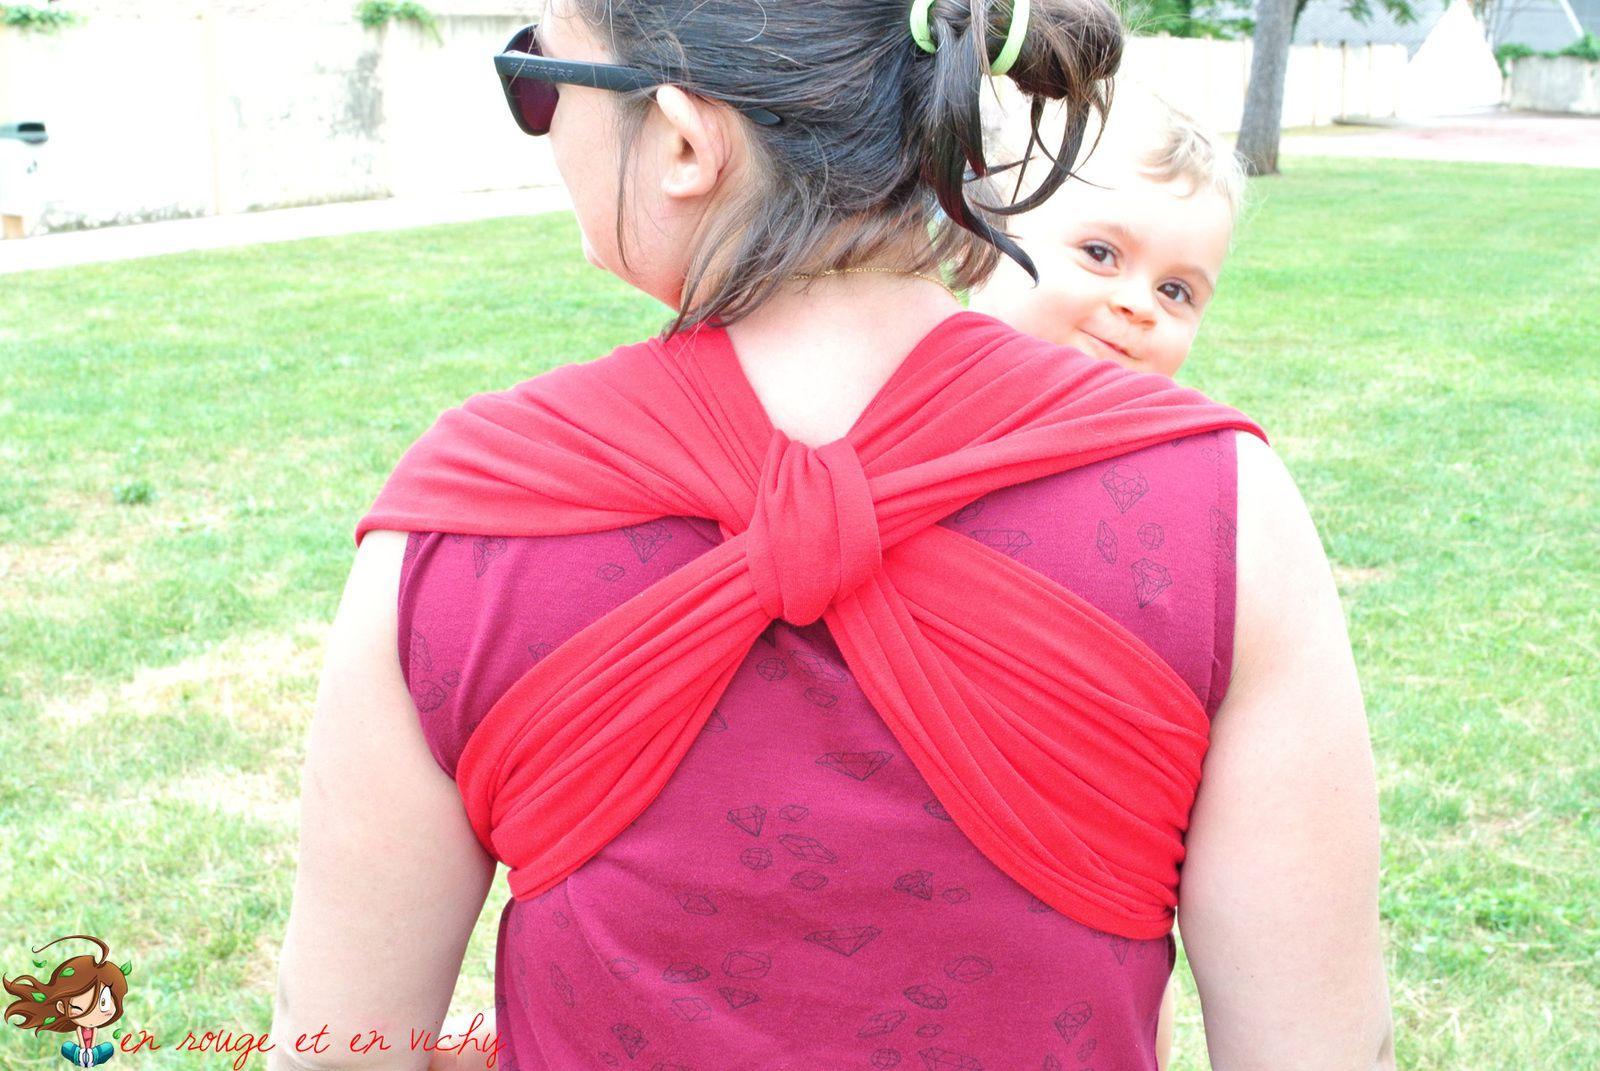 Echarpe de portage pour petit pimousse [Défi inside]